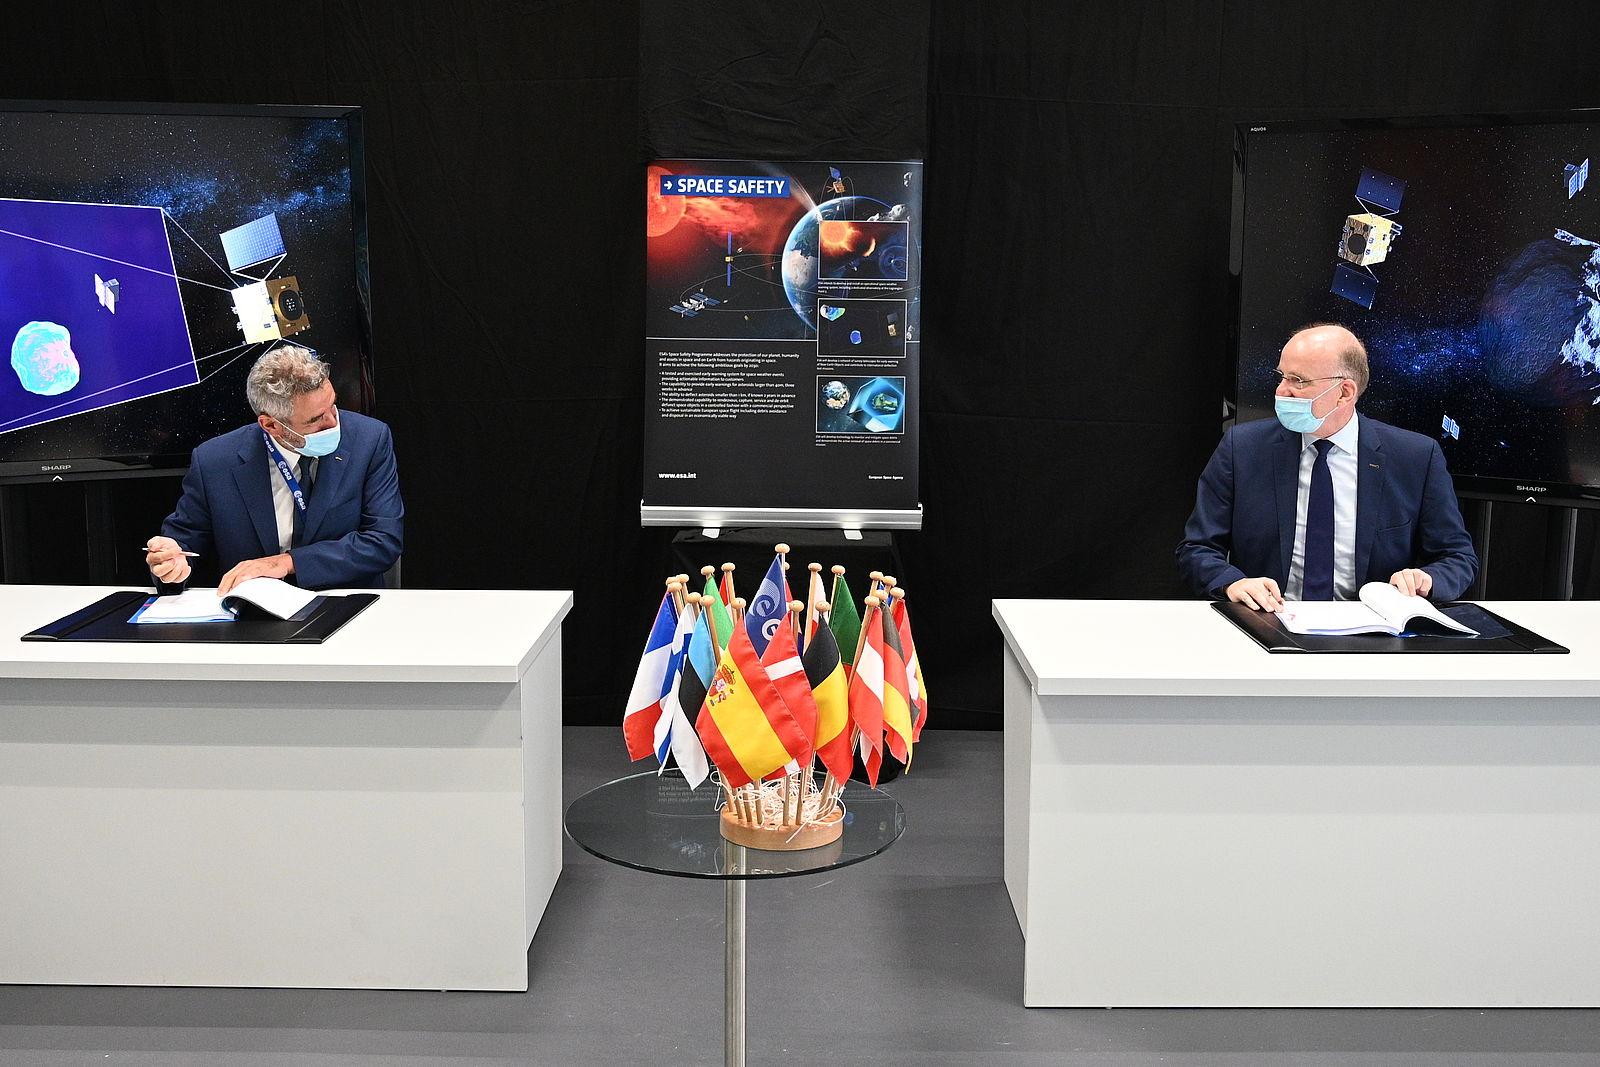 Zwei Männer unterzeichnen jeweils Verträge; im Hintergrund ein Plakat der Space Safety